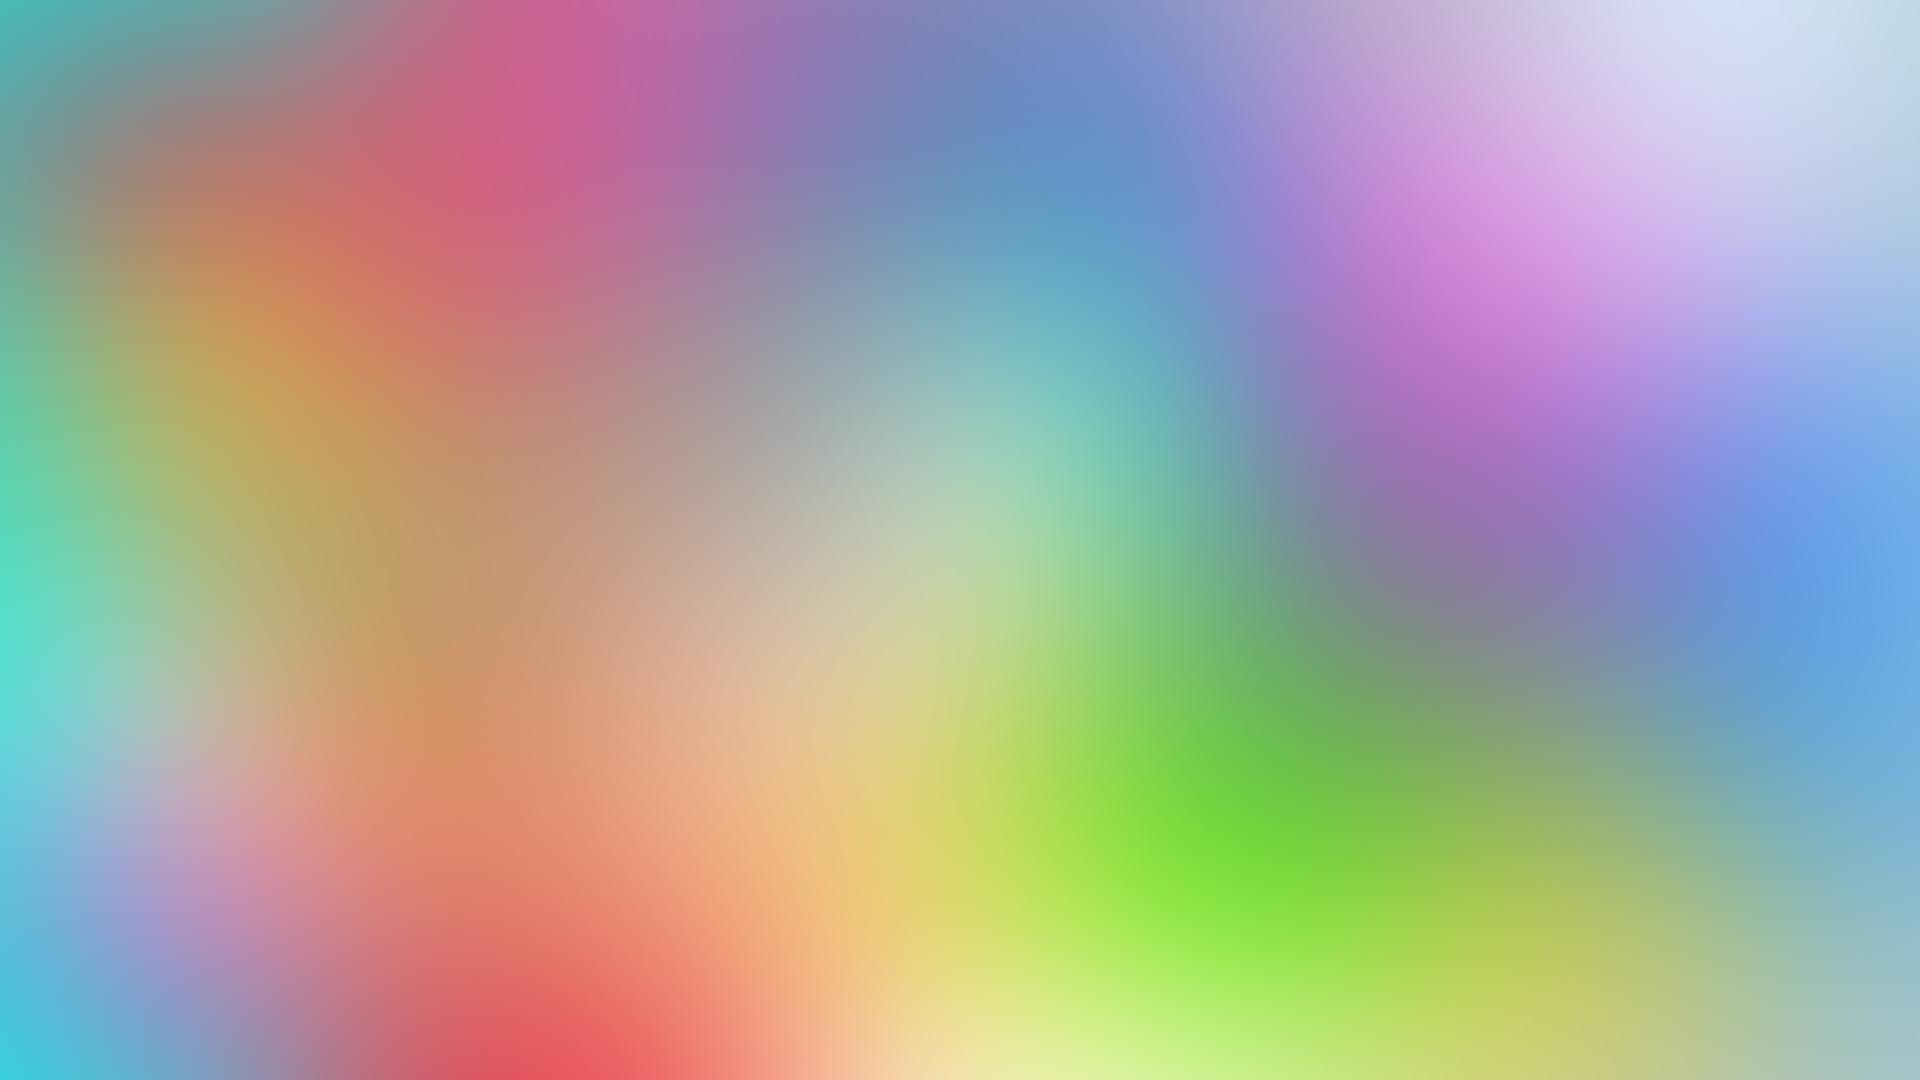 75 Bright Colors Wallpaper On Wallpapersafari